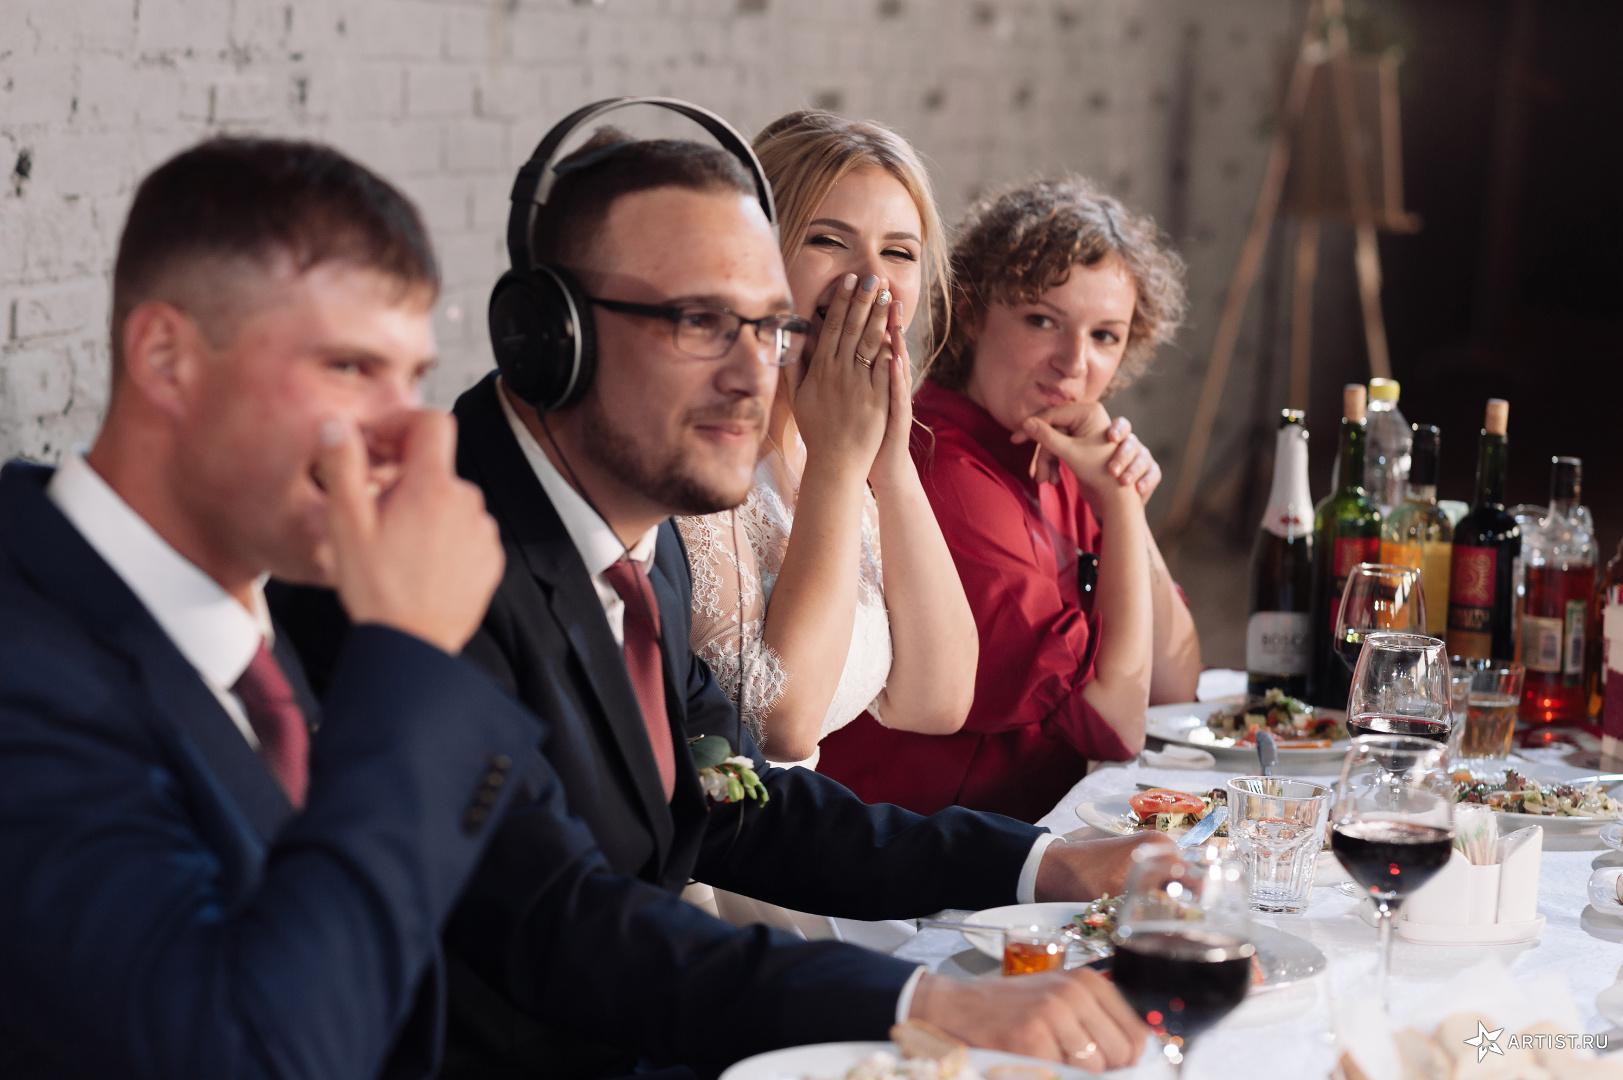 Фото 14 из 16 из альбома Свадьба Полины и Андрея 11 08 18 Андрея Кислого